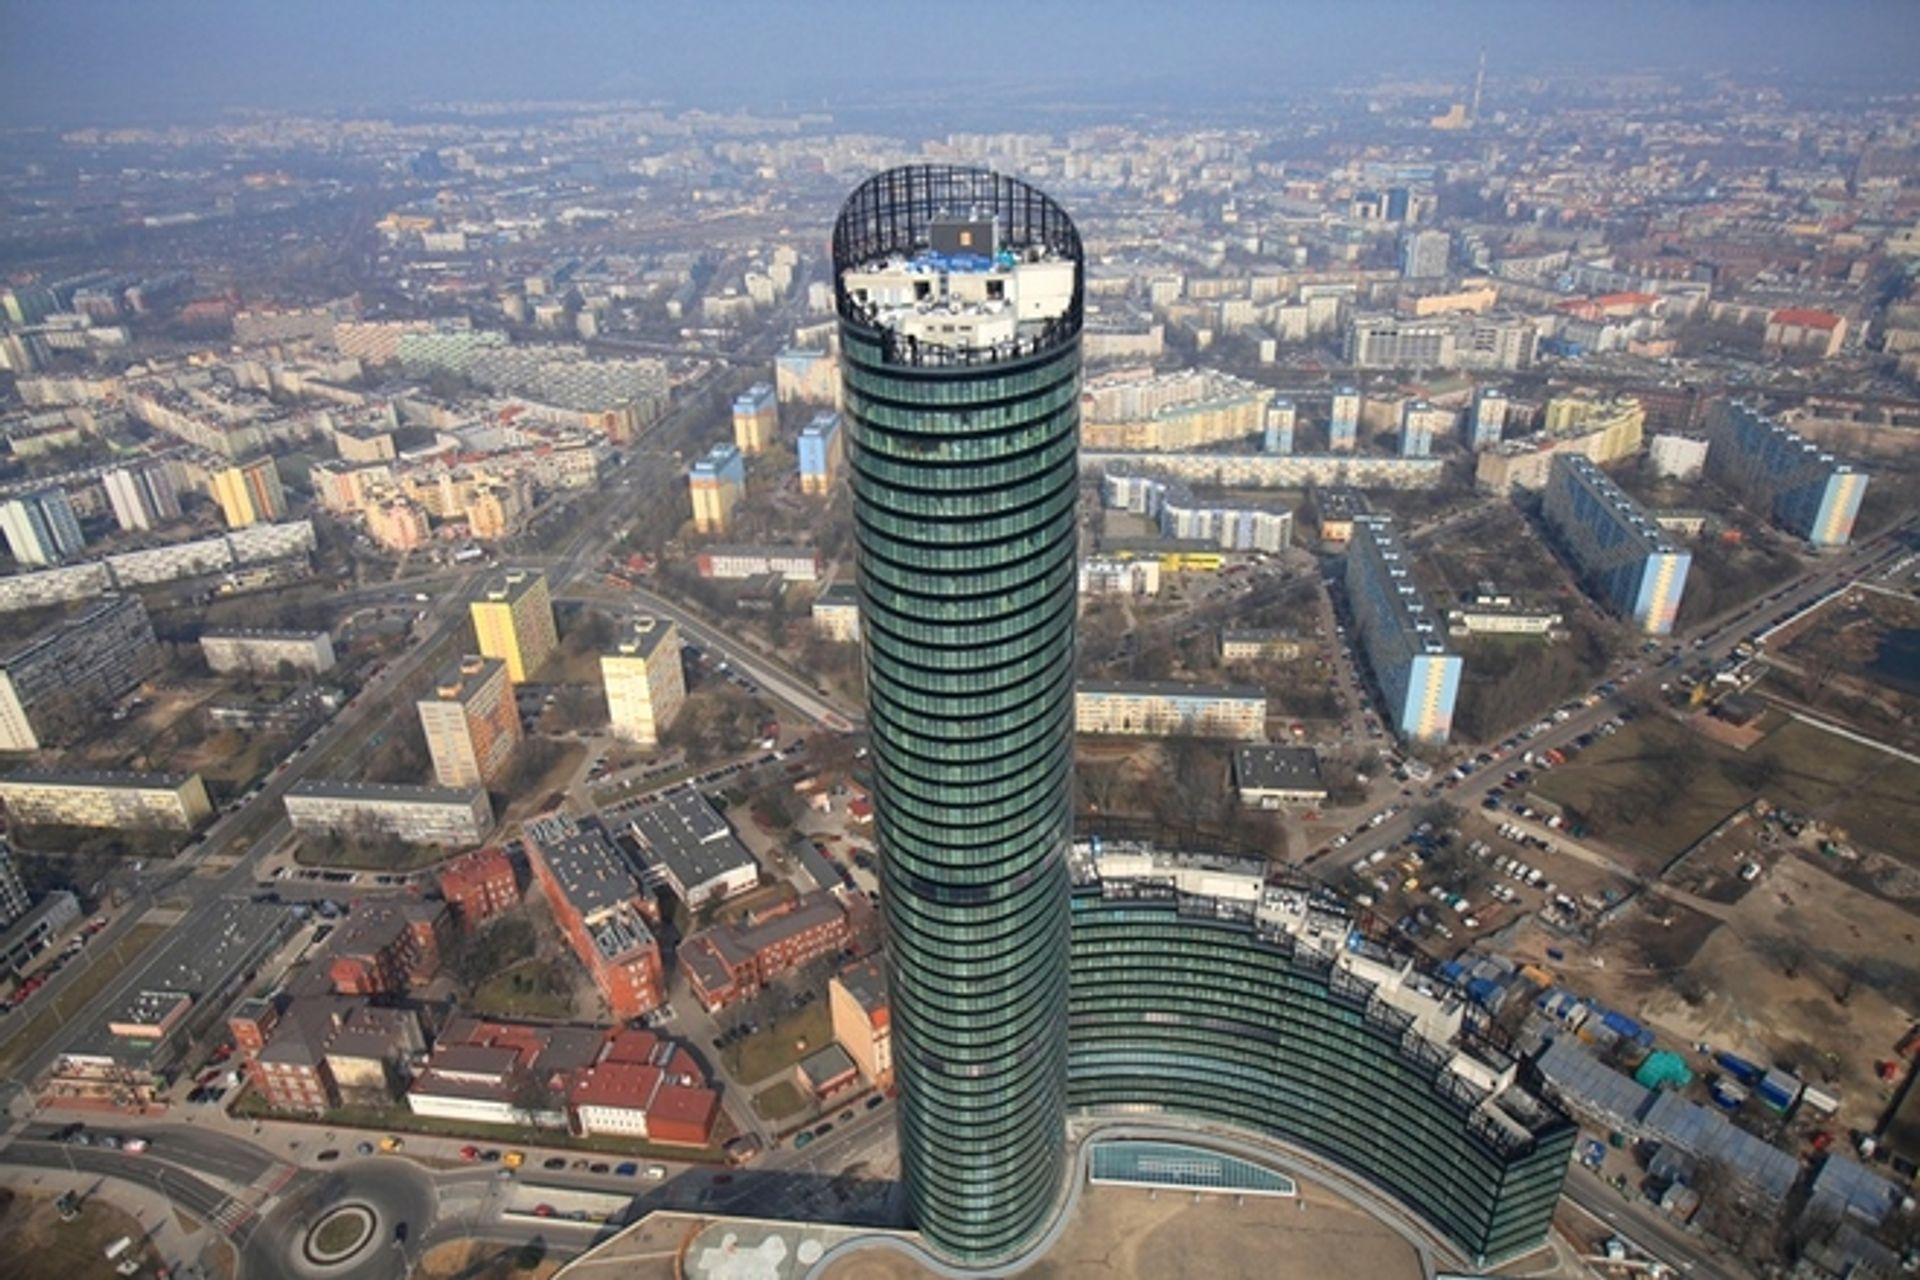 [Wrocław] Najbardziej prestiżowe wrocławskie adresy: Sky Tower, Zielona Etiuda, Marina...